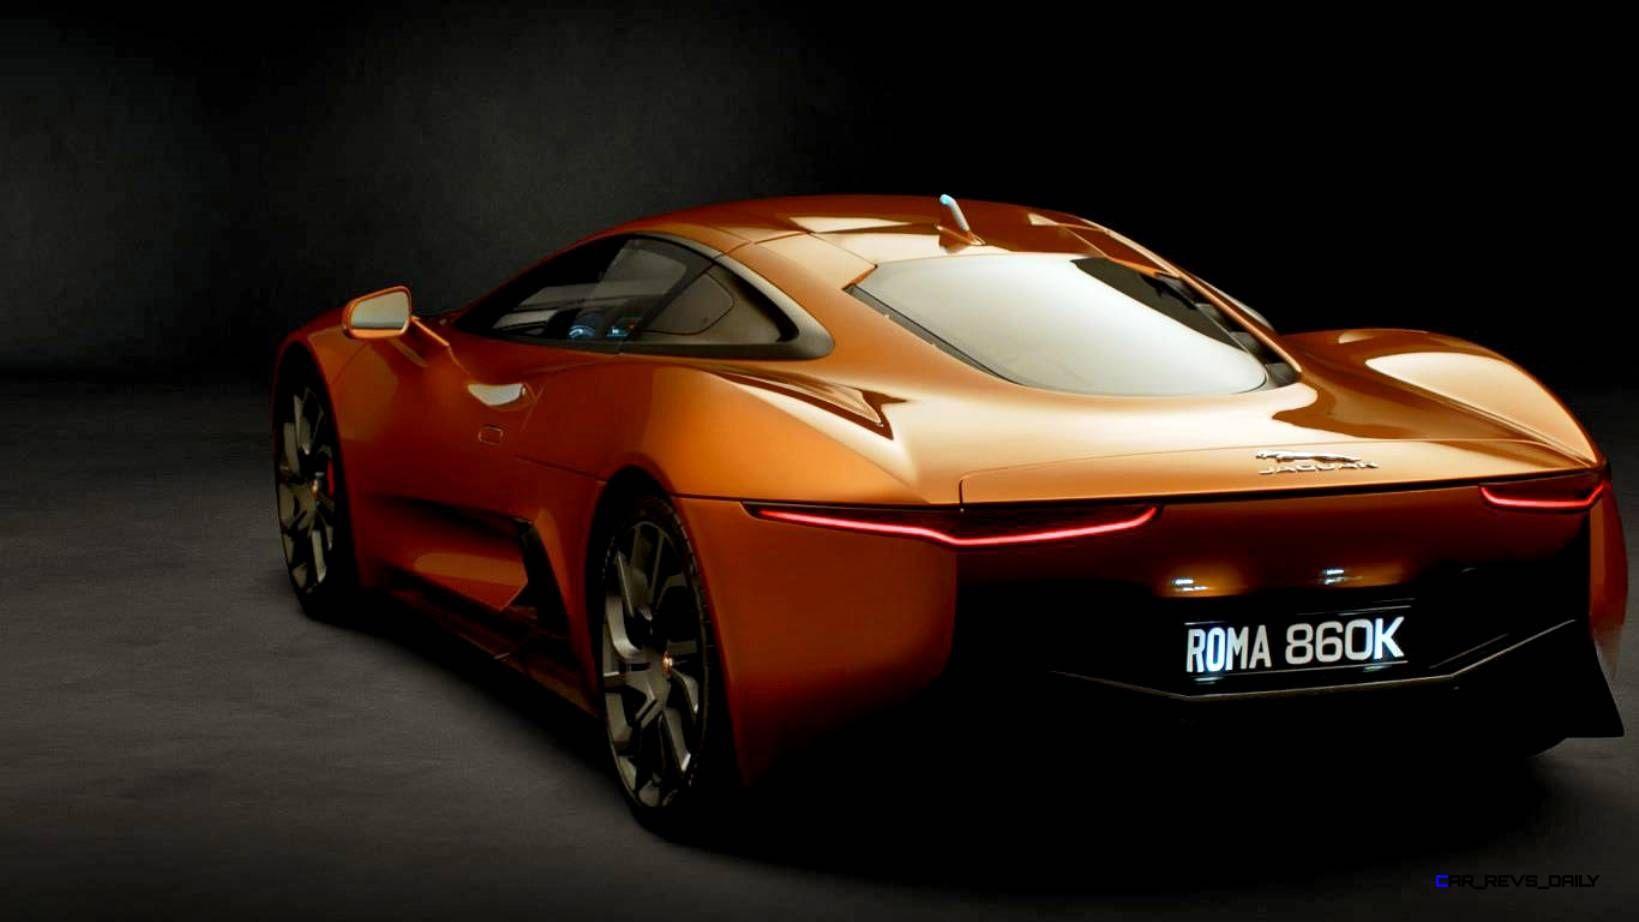 007 spectre bond cars jaguar cx 75 orange 1639 922 rather poor image quality. Black Bedroom Furniture Sets. Home Design Ideas